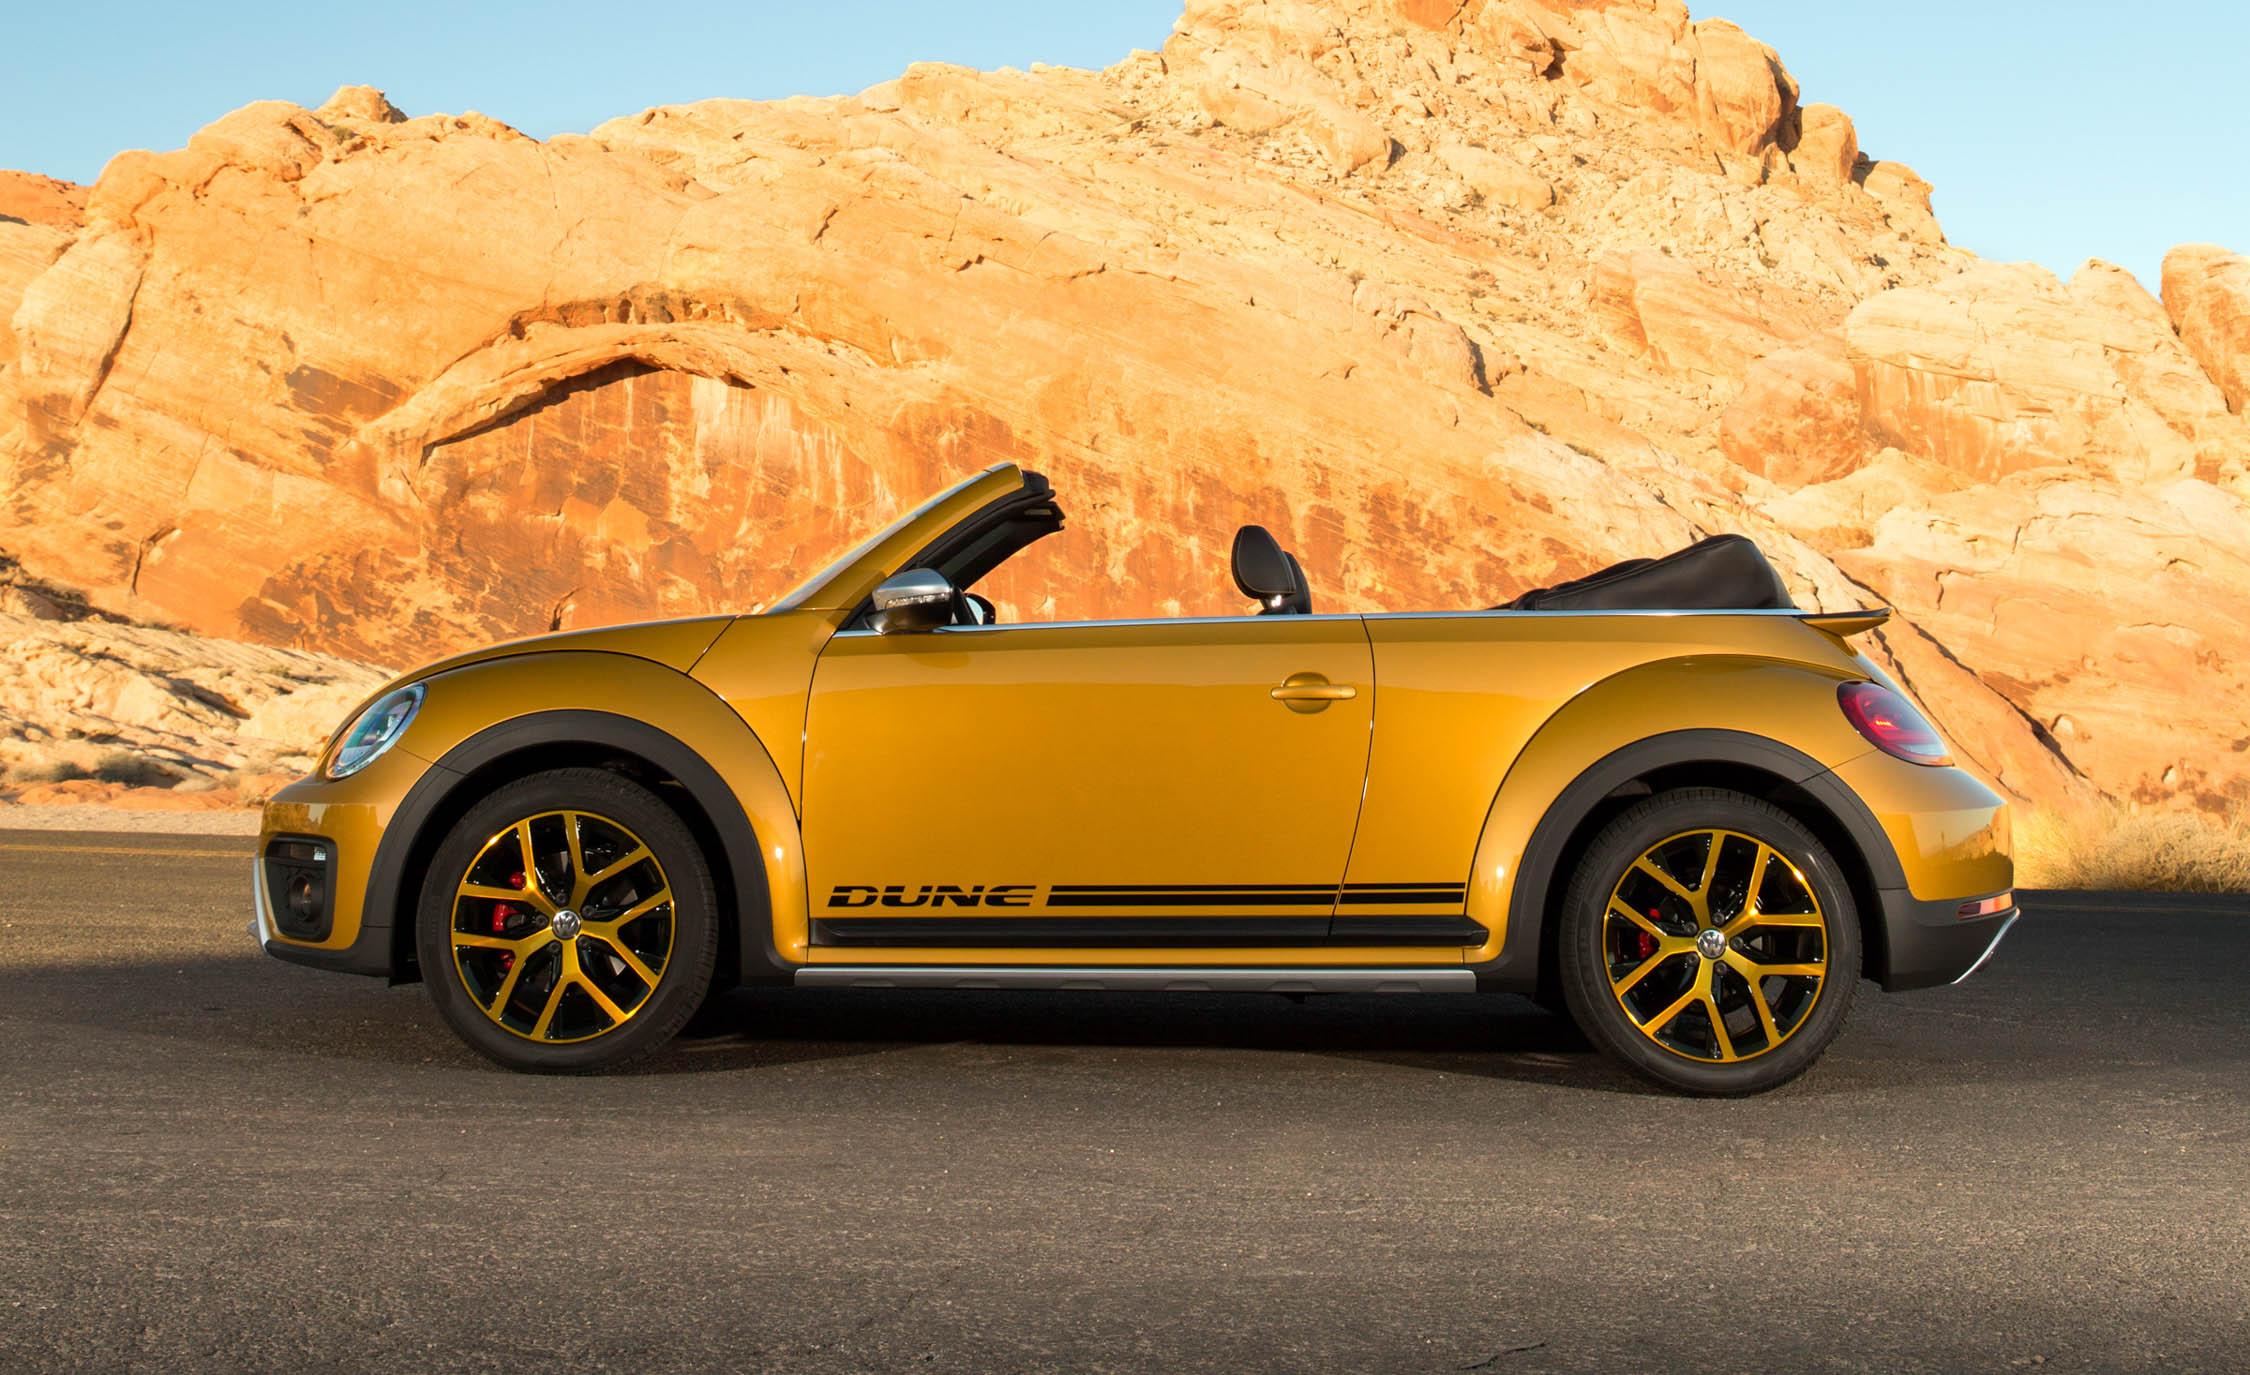 2016 Volkswagen Beetle Dune Convertible Exterior Full Side